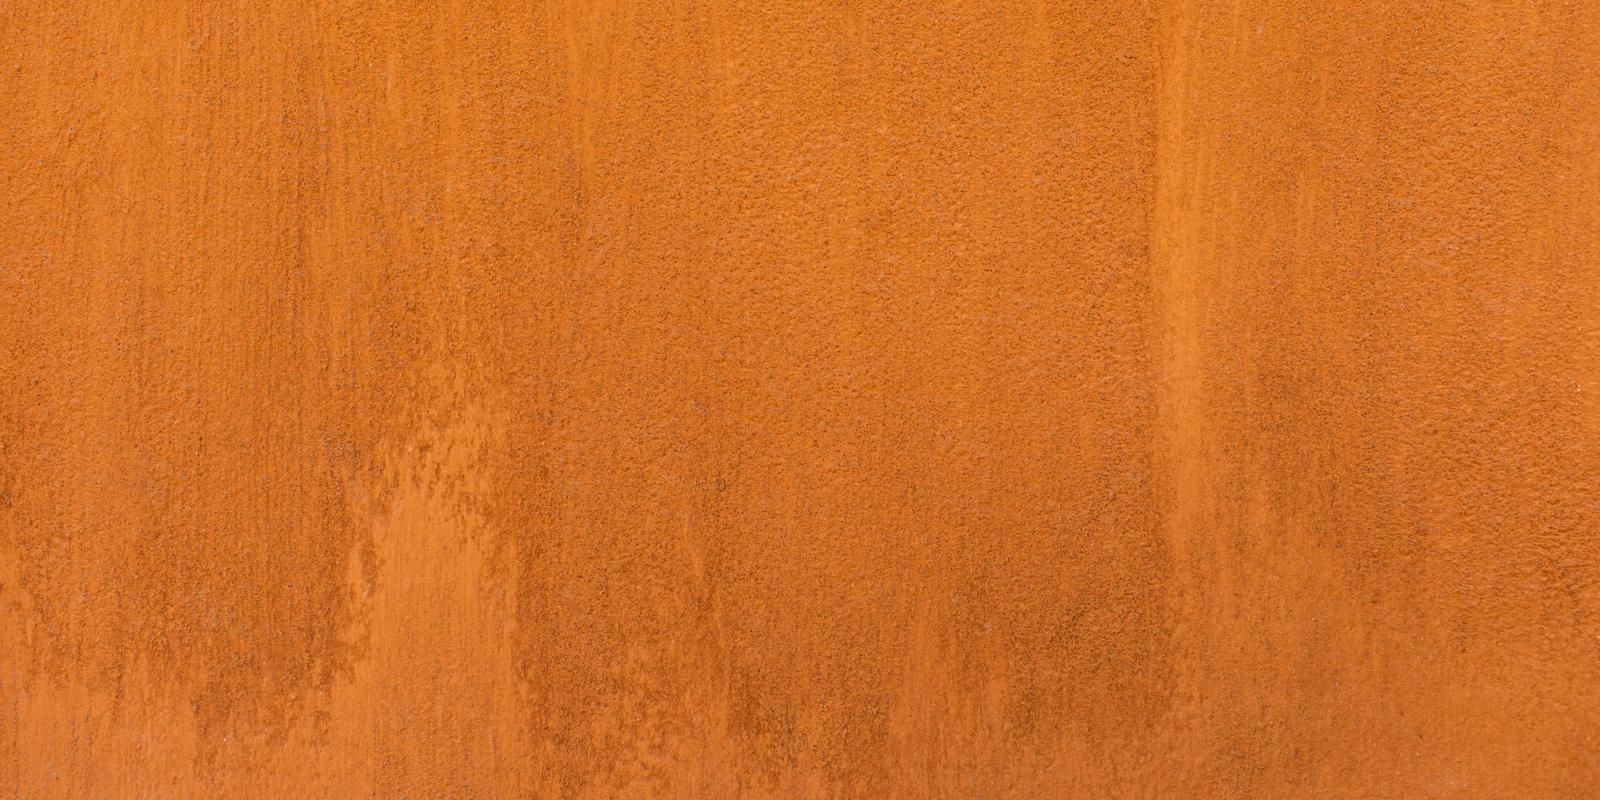 leem kleur muur